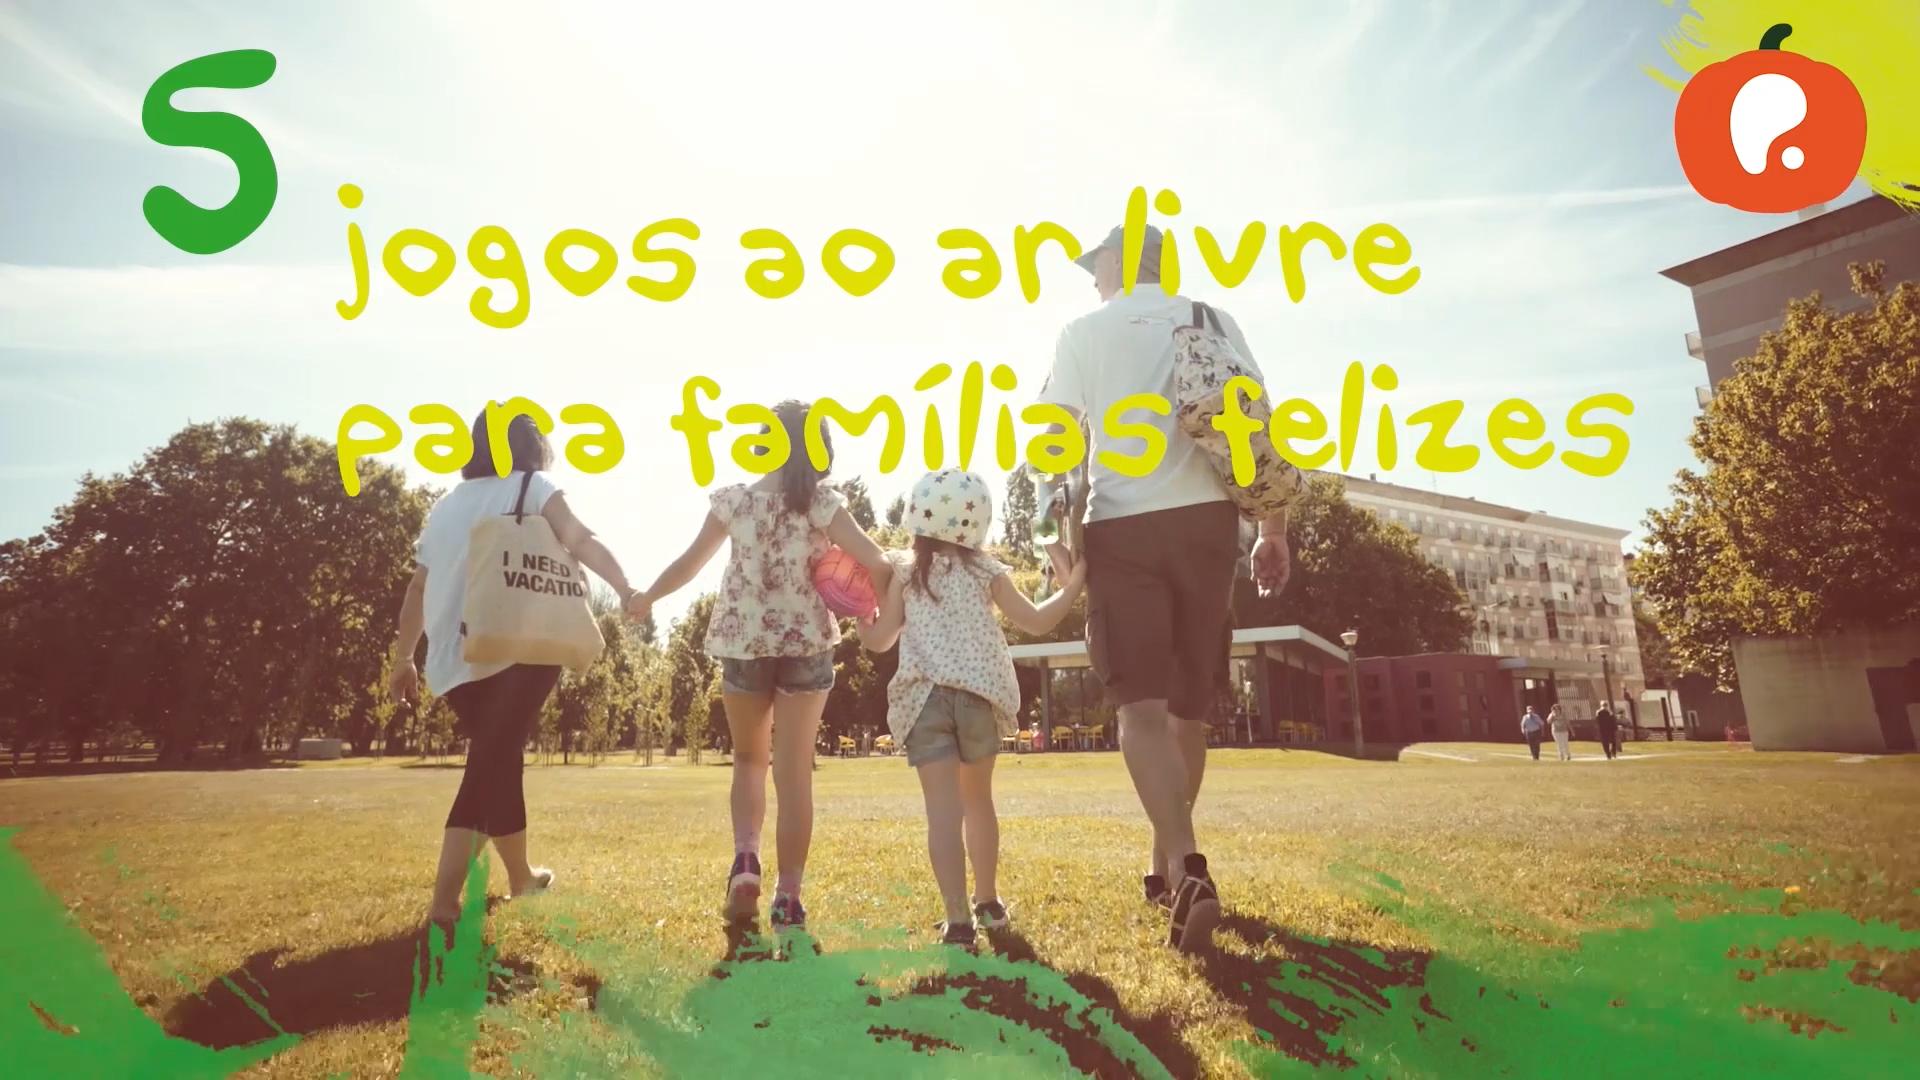 5 jogos ao ar livre para famílias felizes